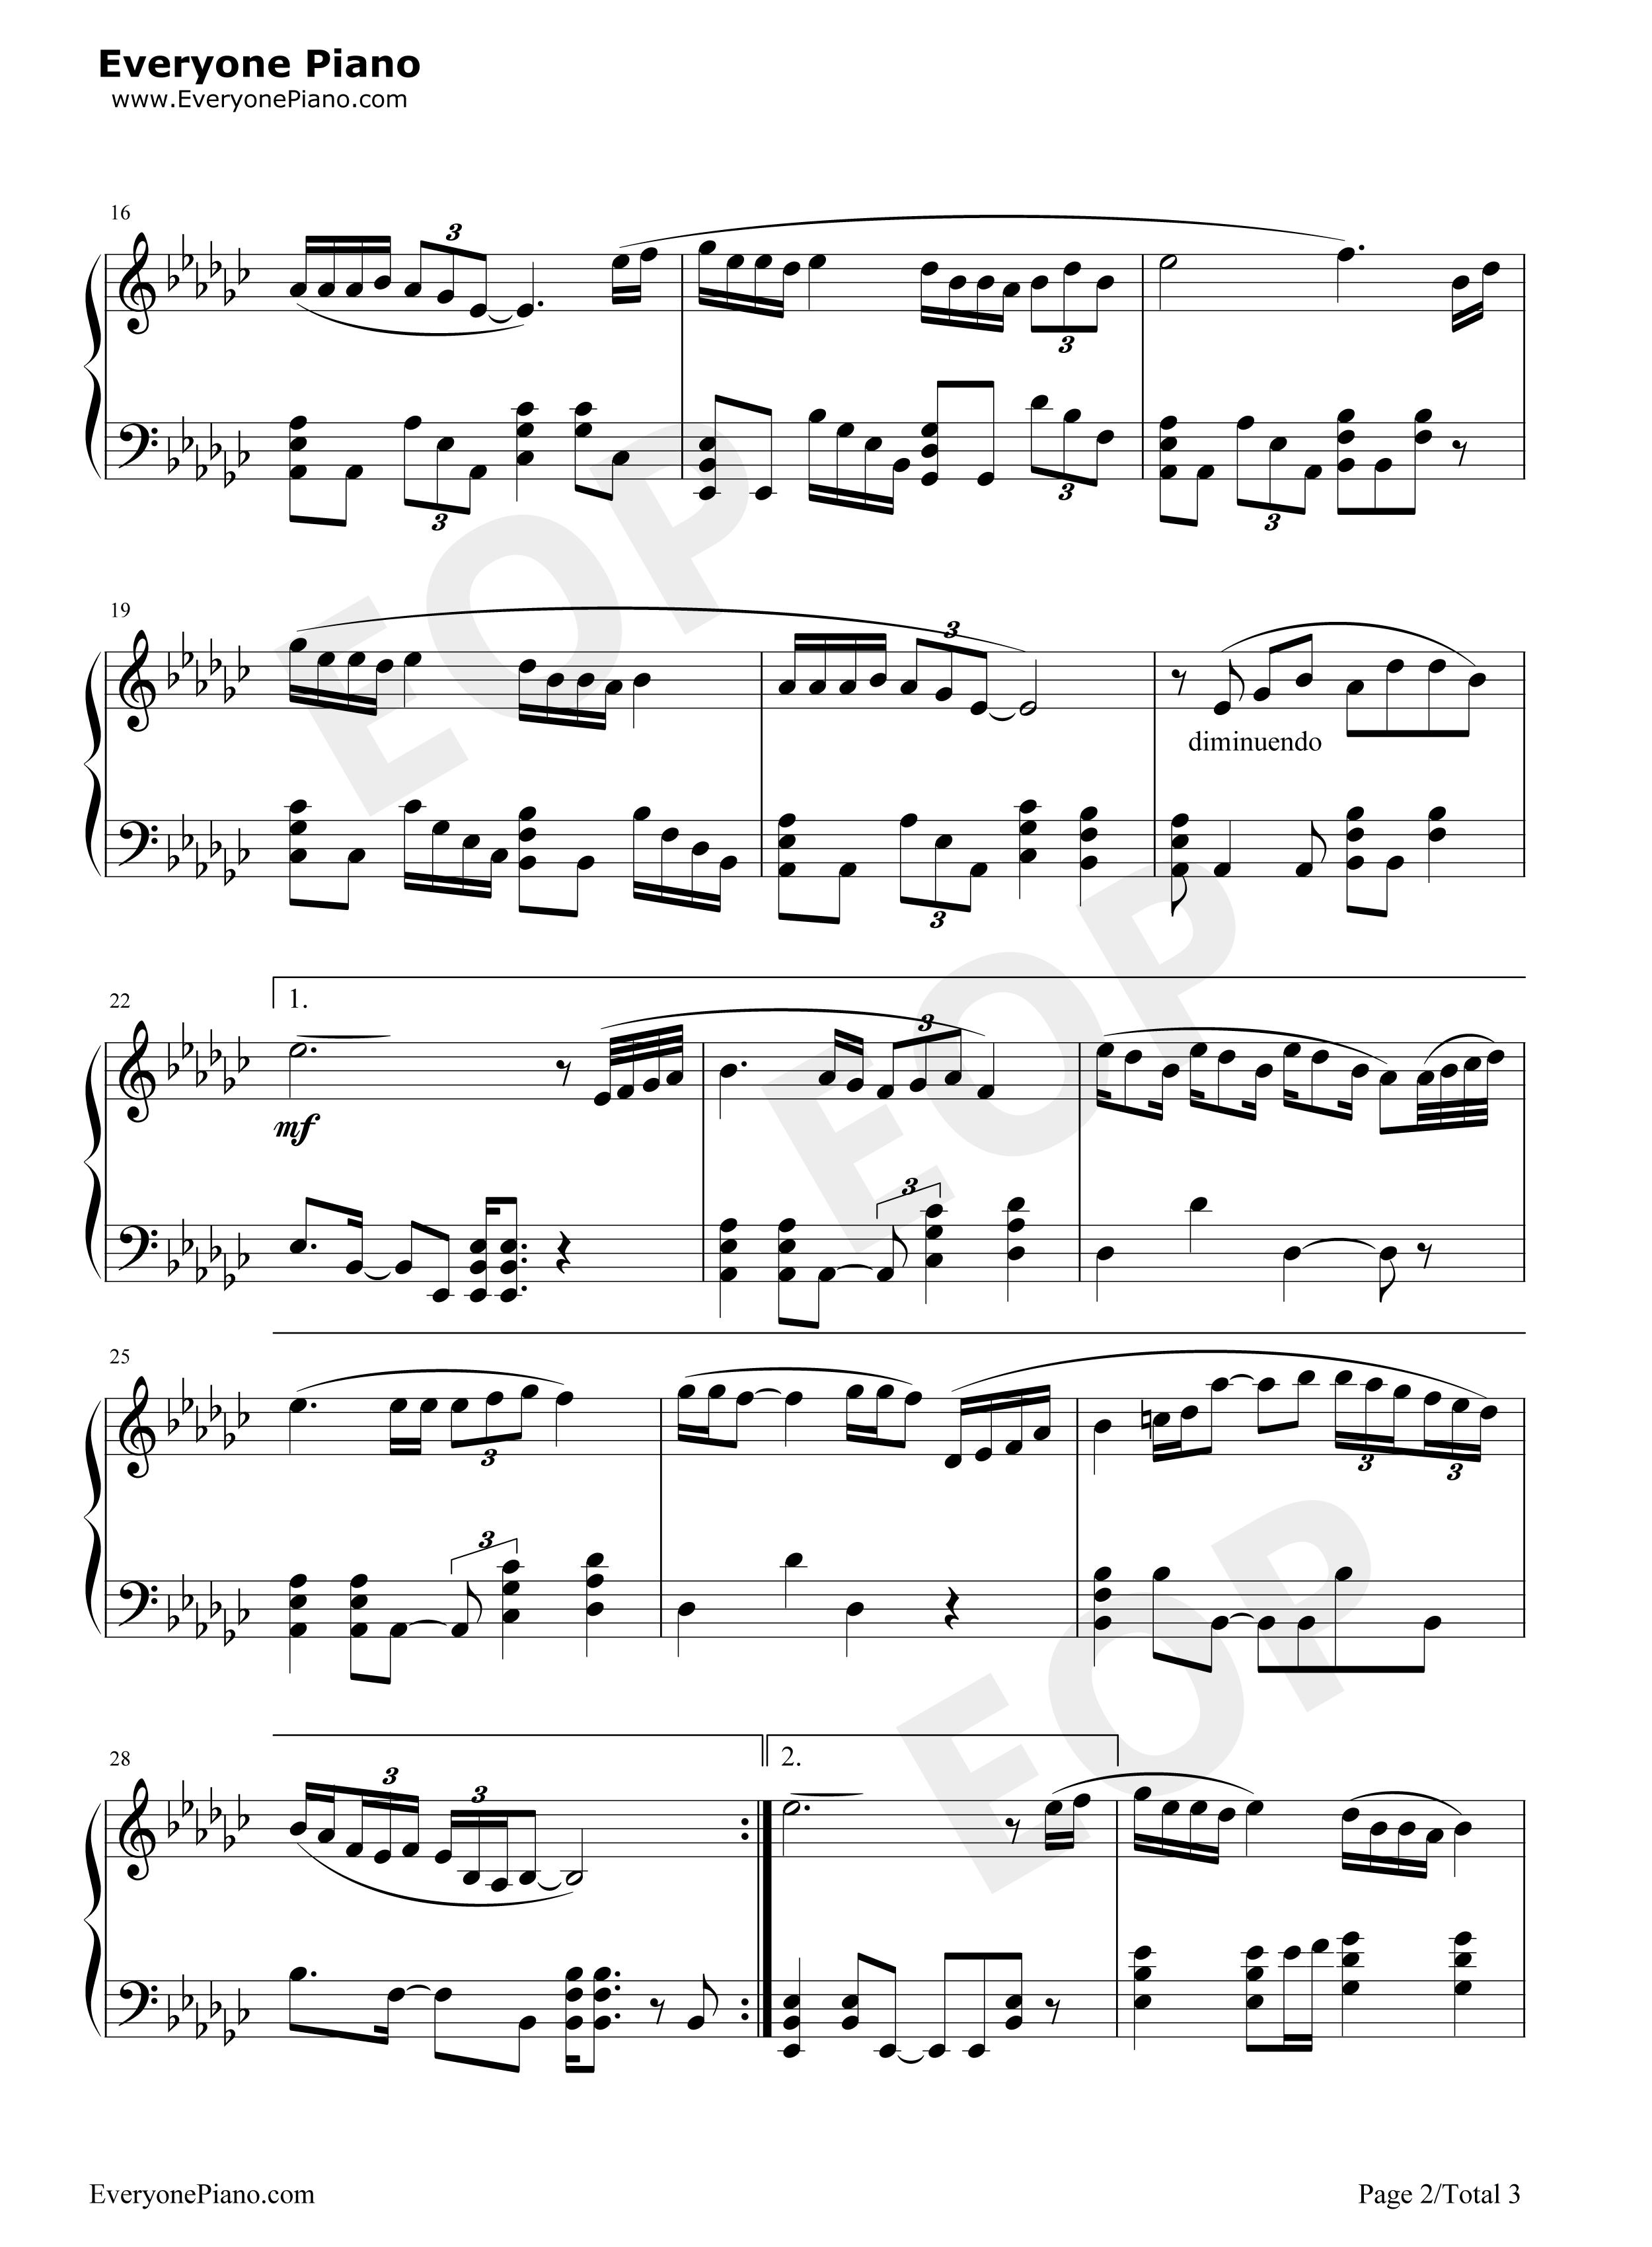 网站首页 钢琴曲谱 流行 谢谢你的爱1999-谢霆锋 >> 谢谢你的爱1999